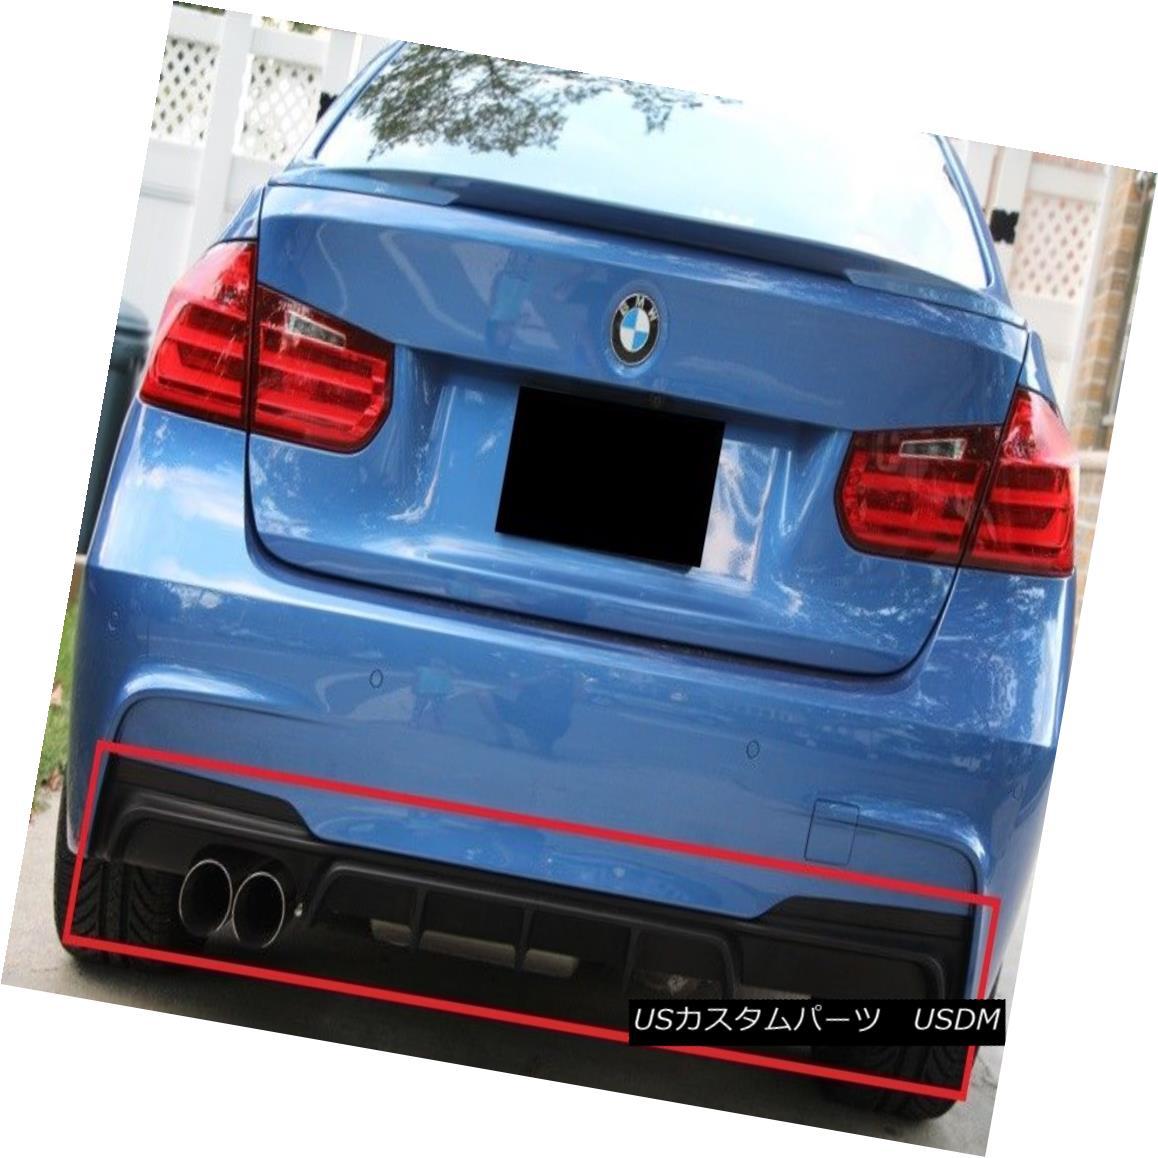 エアロパーツ BMW 3 SERIES F30 F31 FROM 2011 REAR BUMPER DIFFUSER SPOILER M-PERFORMANCE LOOK BMW 3シリーズF30 F31から2011年後部バッフルディフューザースポイラーM-パフォーマンスルック